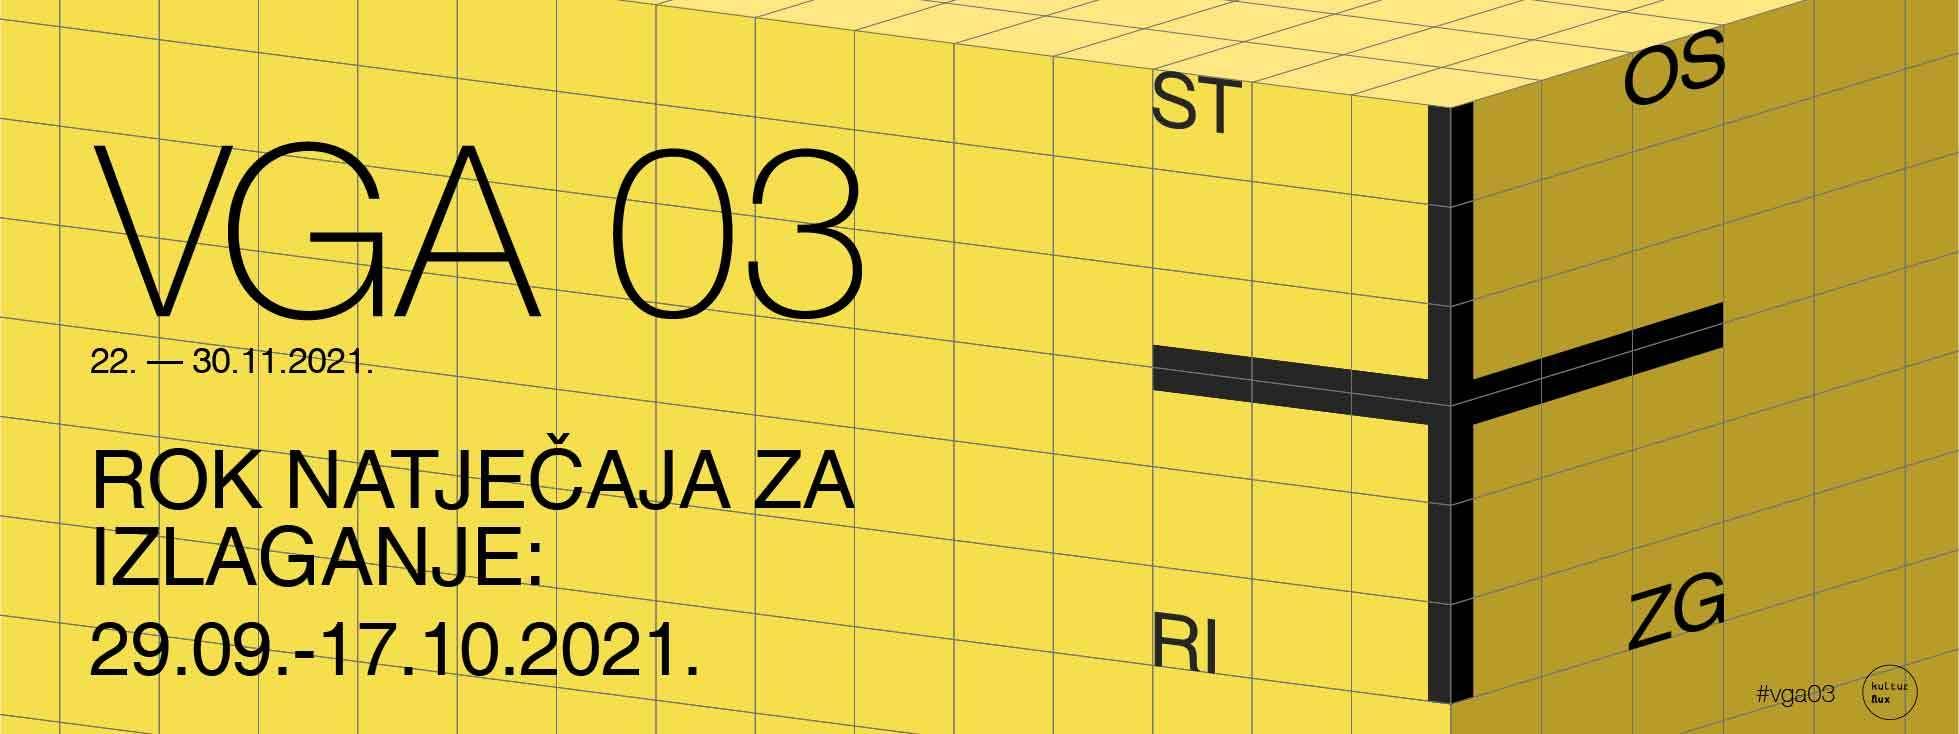 VGA 03 – otvoren poziv za sudjelovanje